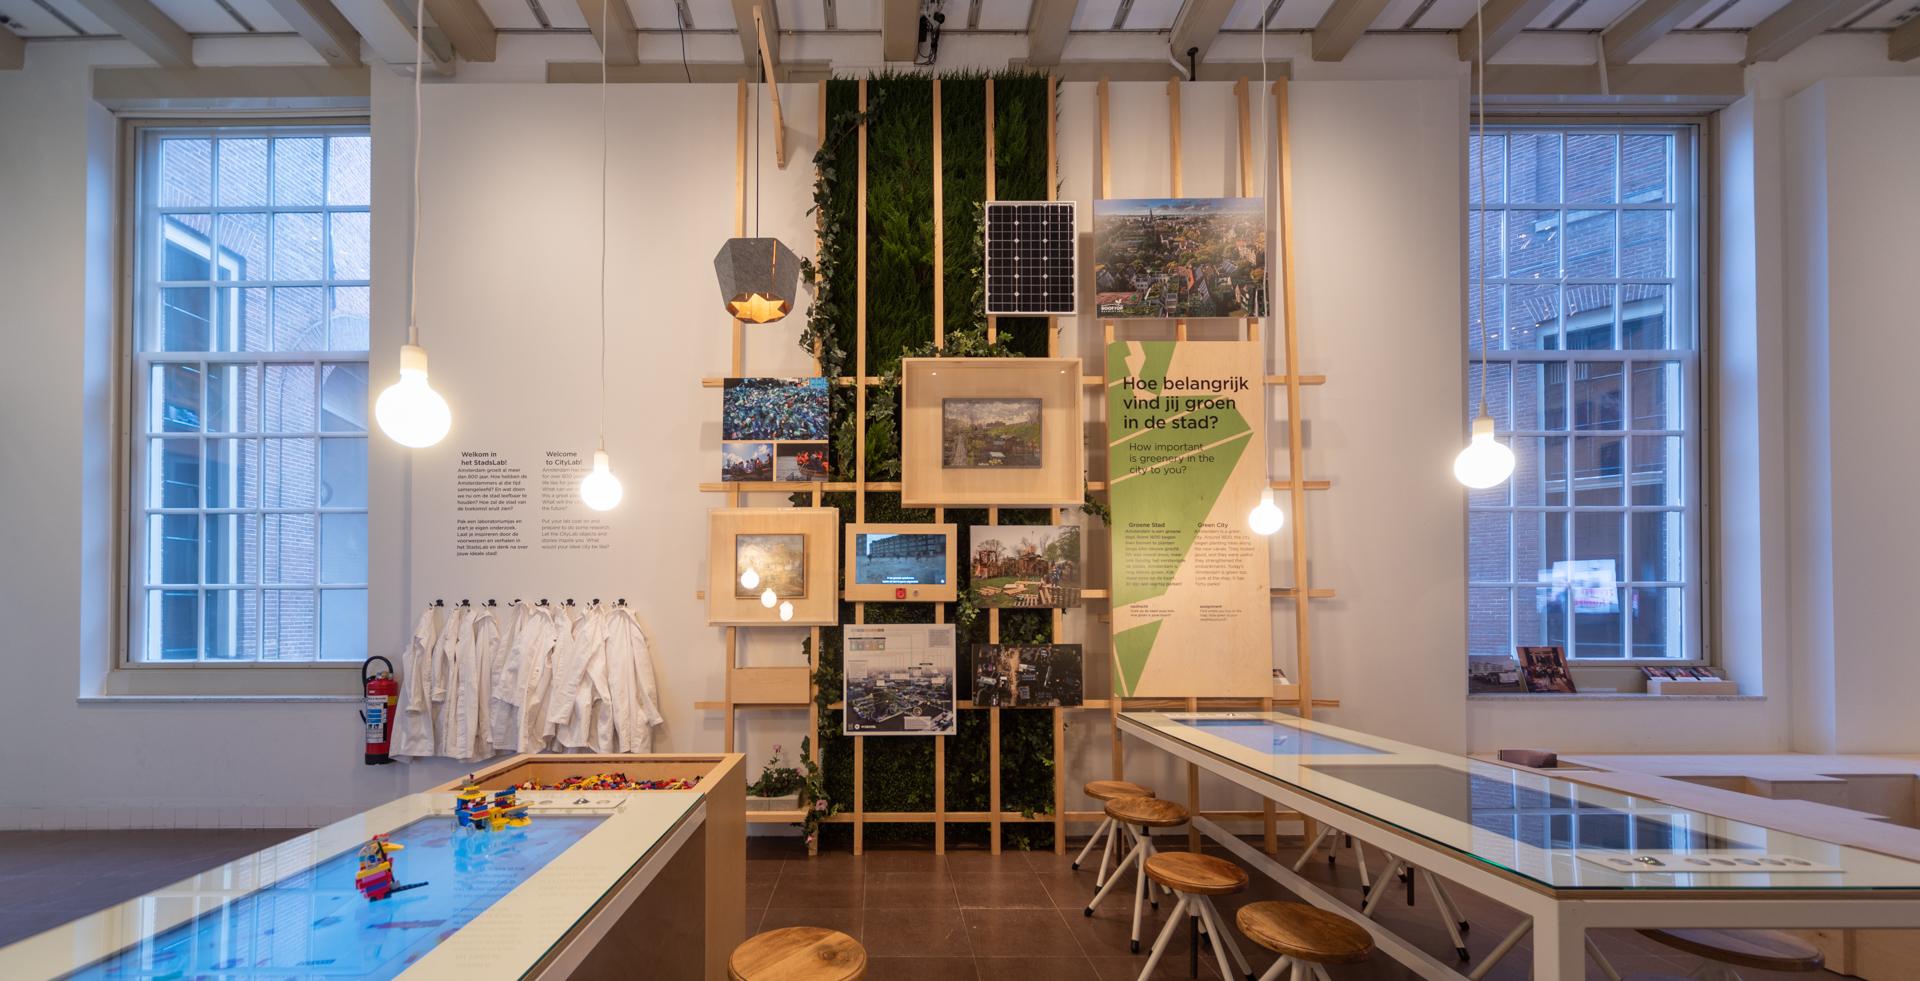 tentoonstellingsontwerp stadslab2 amsterdam museum 11 jpg